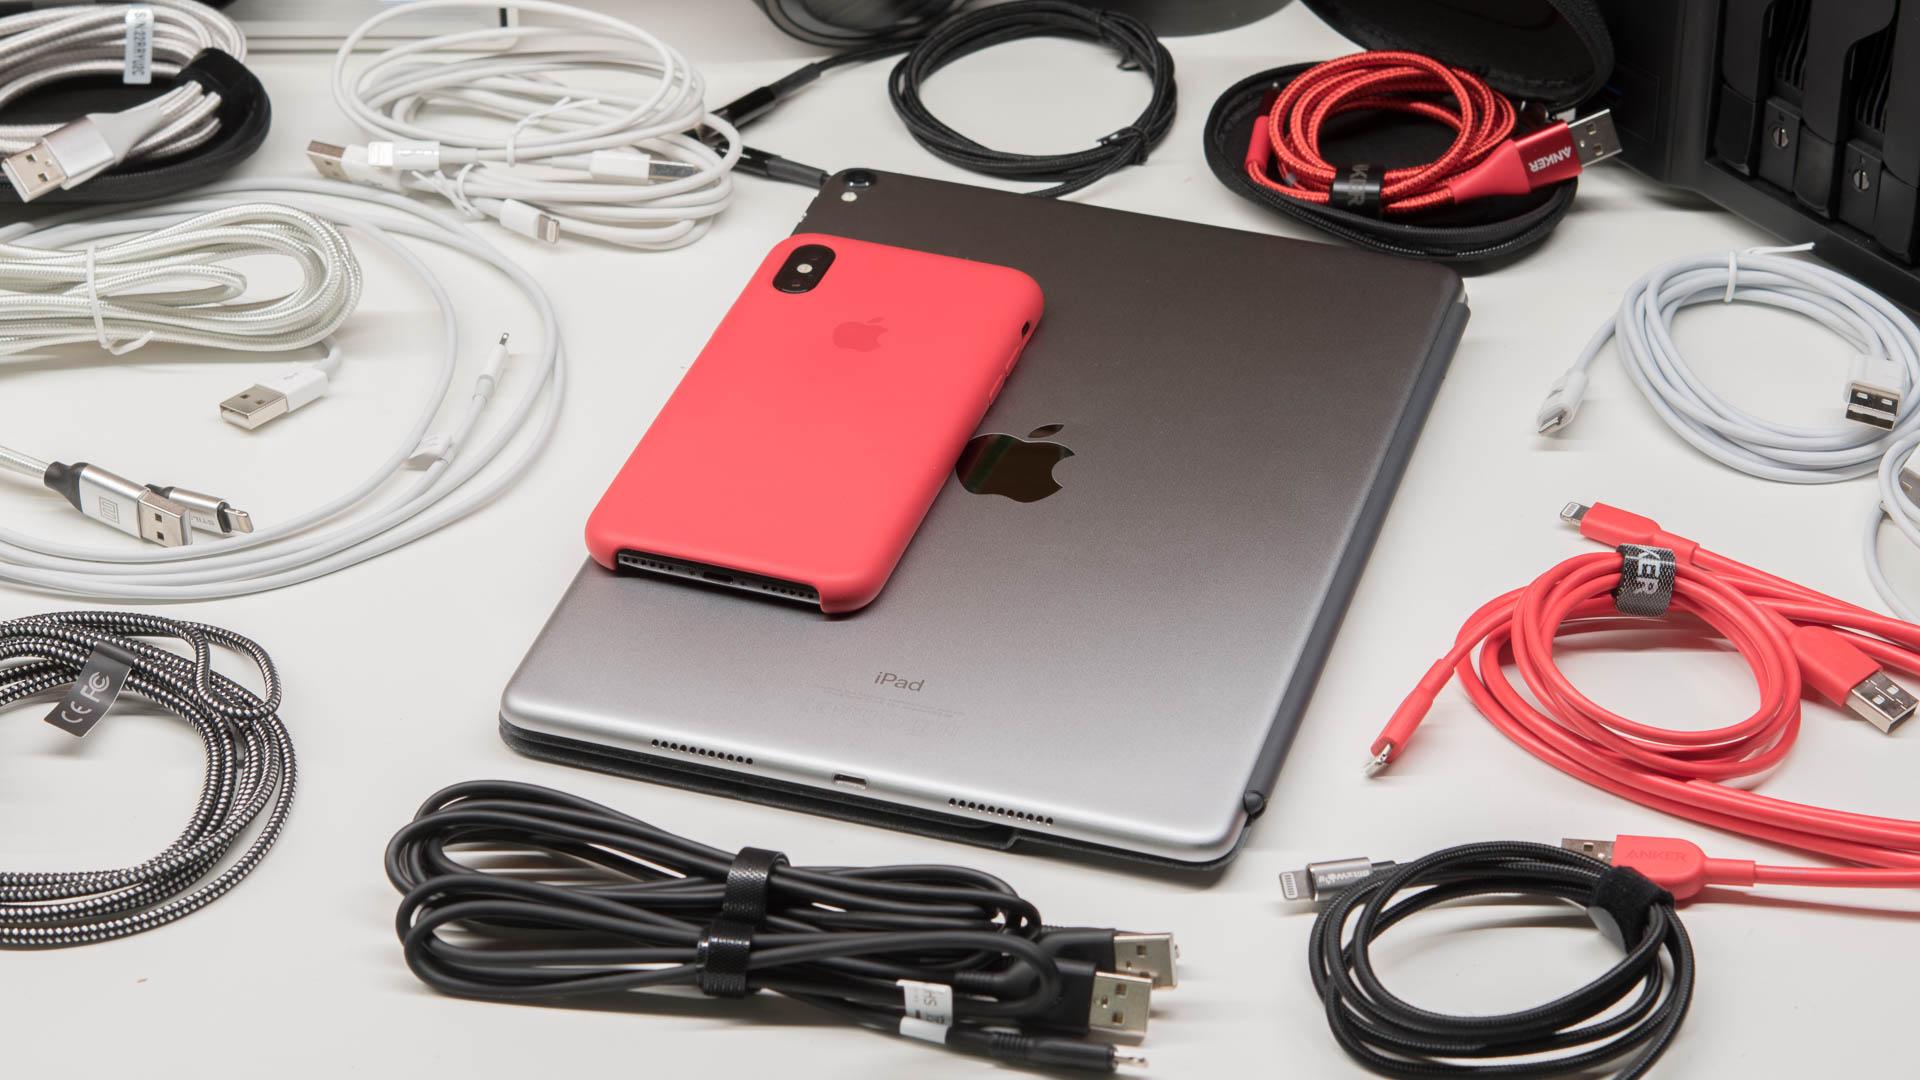 Usb Kabel Für Blitz Kabel 3a Schnelle Lade Handy Ladegerät Kabel Usb Daten Kabel Für Iphone X Xs Xr 8 7 6 5 Plus Ipad Weniger Teuer Handy-zubehör